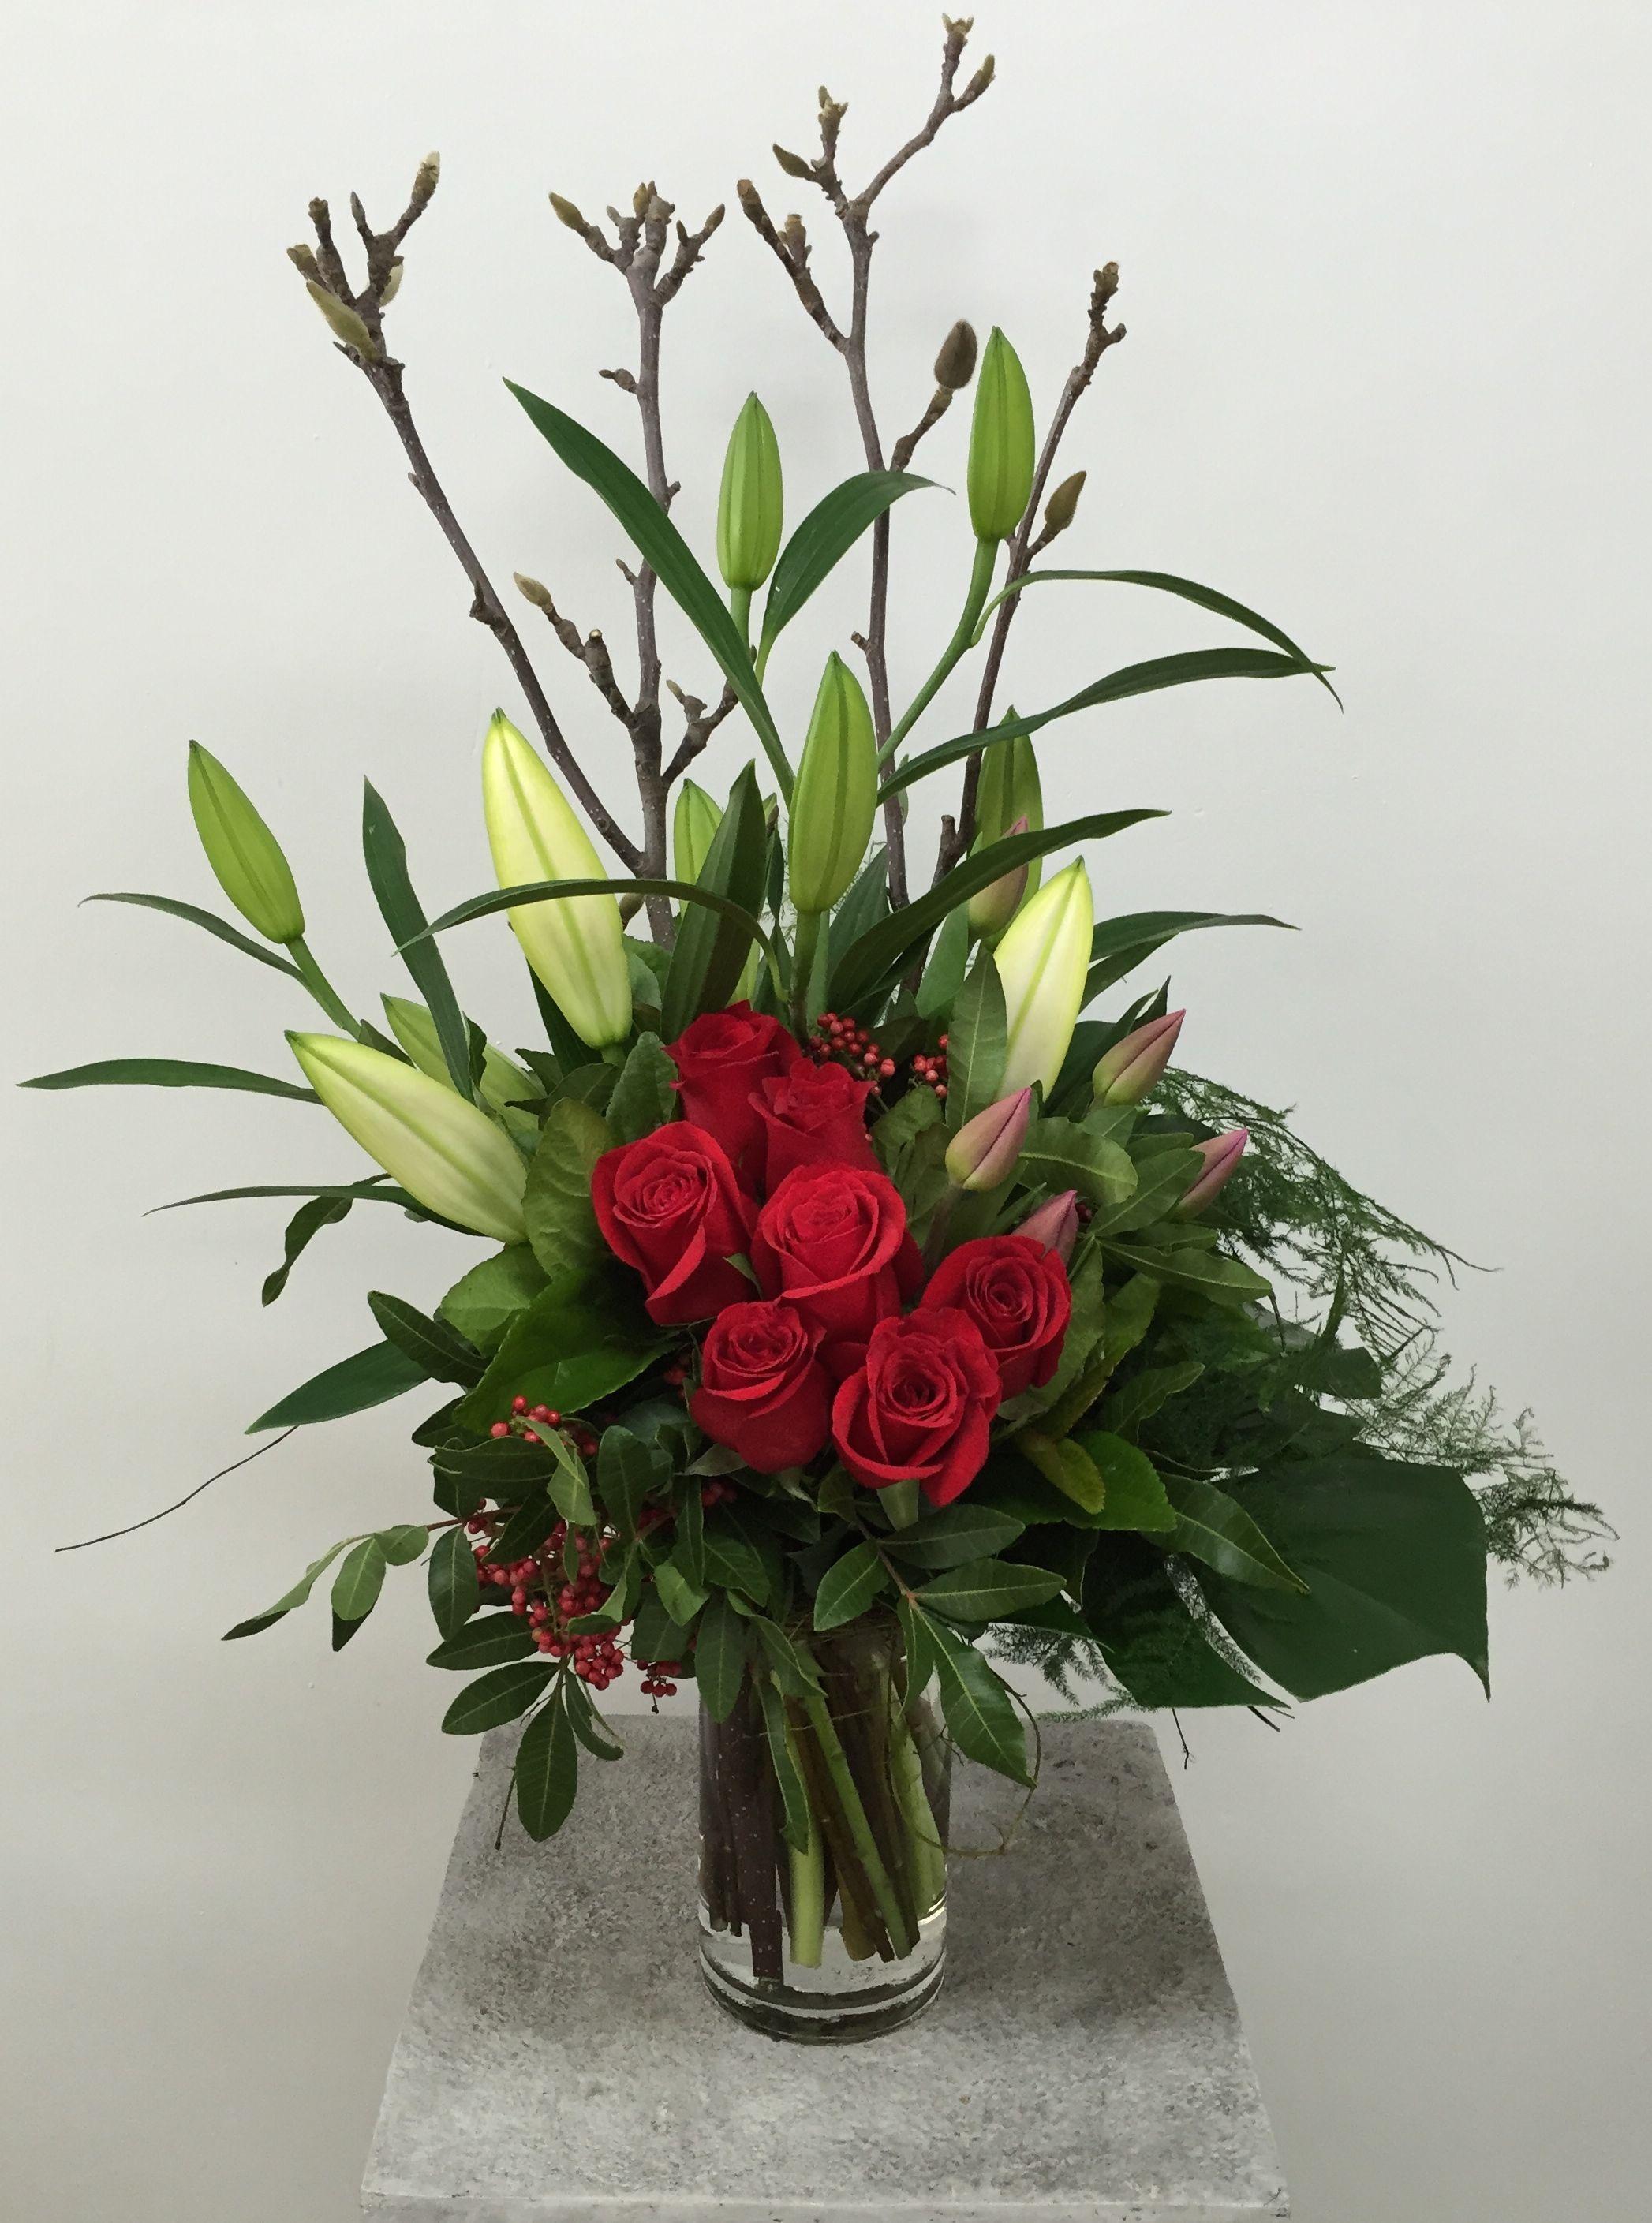 #8 Vase